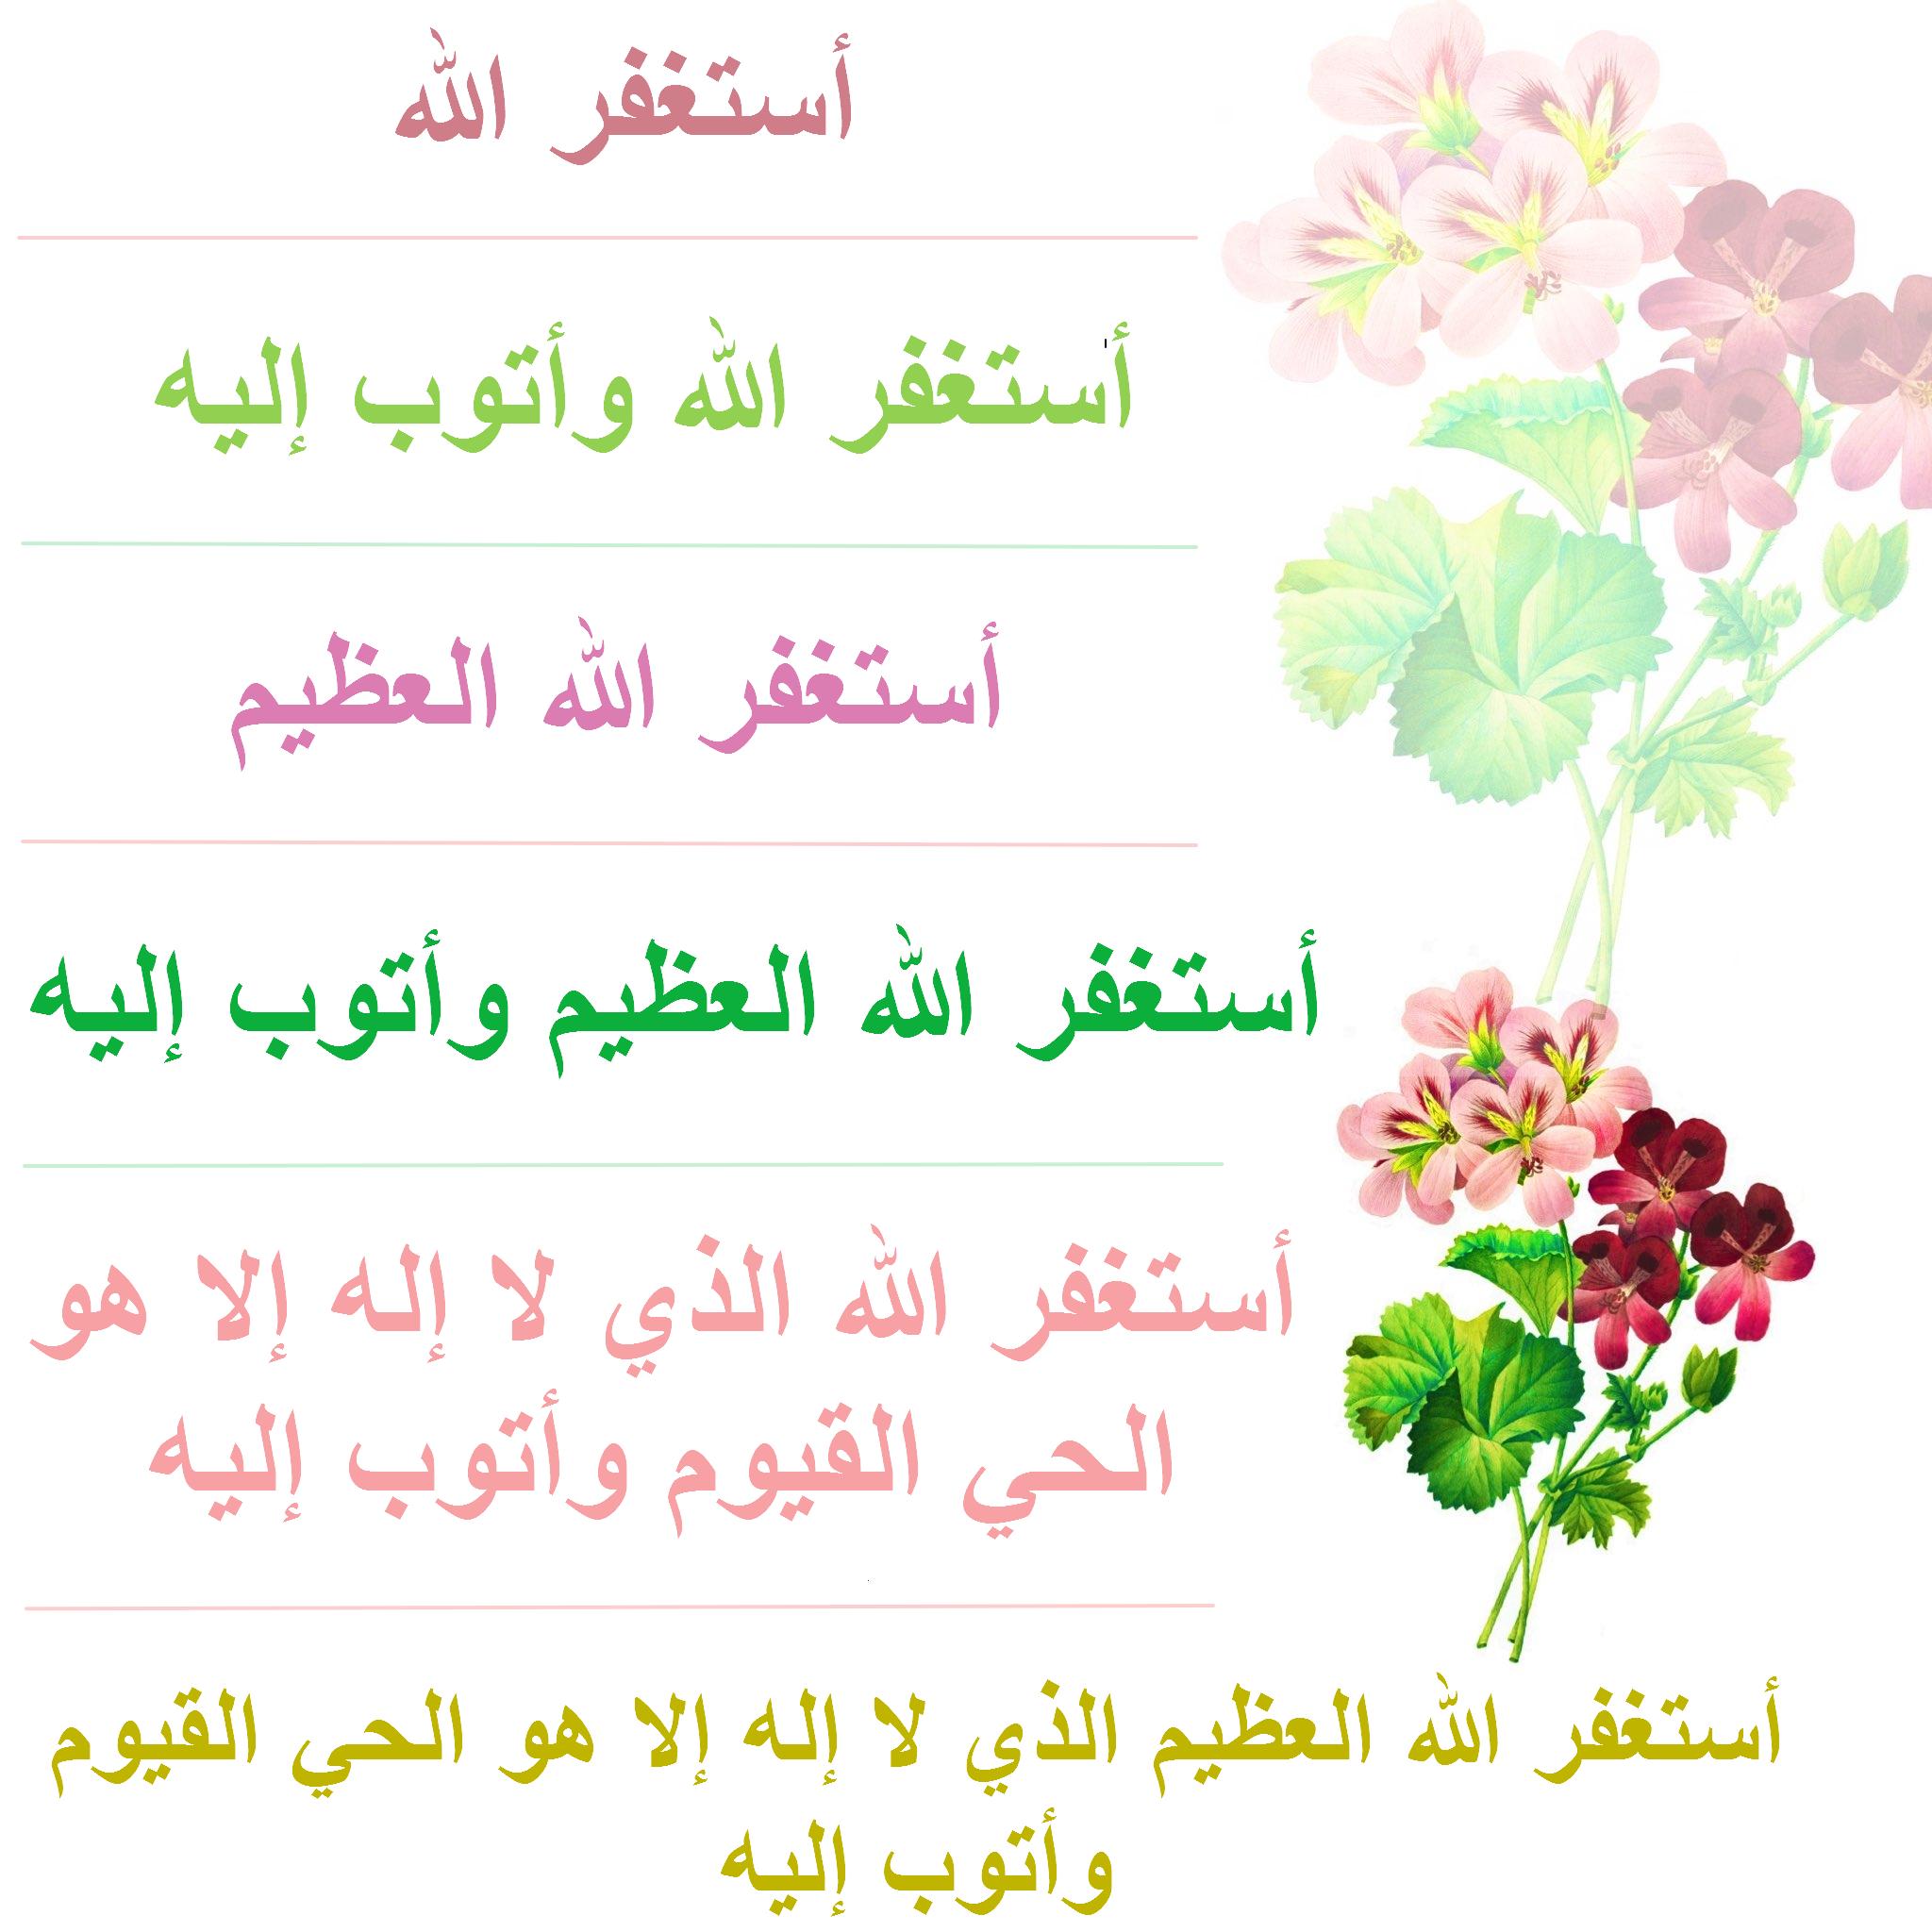 أستغفر الله أستغفر الله وأتوب إليه أستغفر الله العظيم أستغفر الله العظيم وأتوب إليه Best Islamic Quotes Doa Islam Islamic Quotes